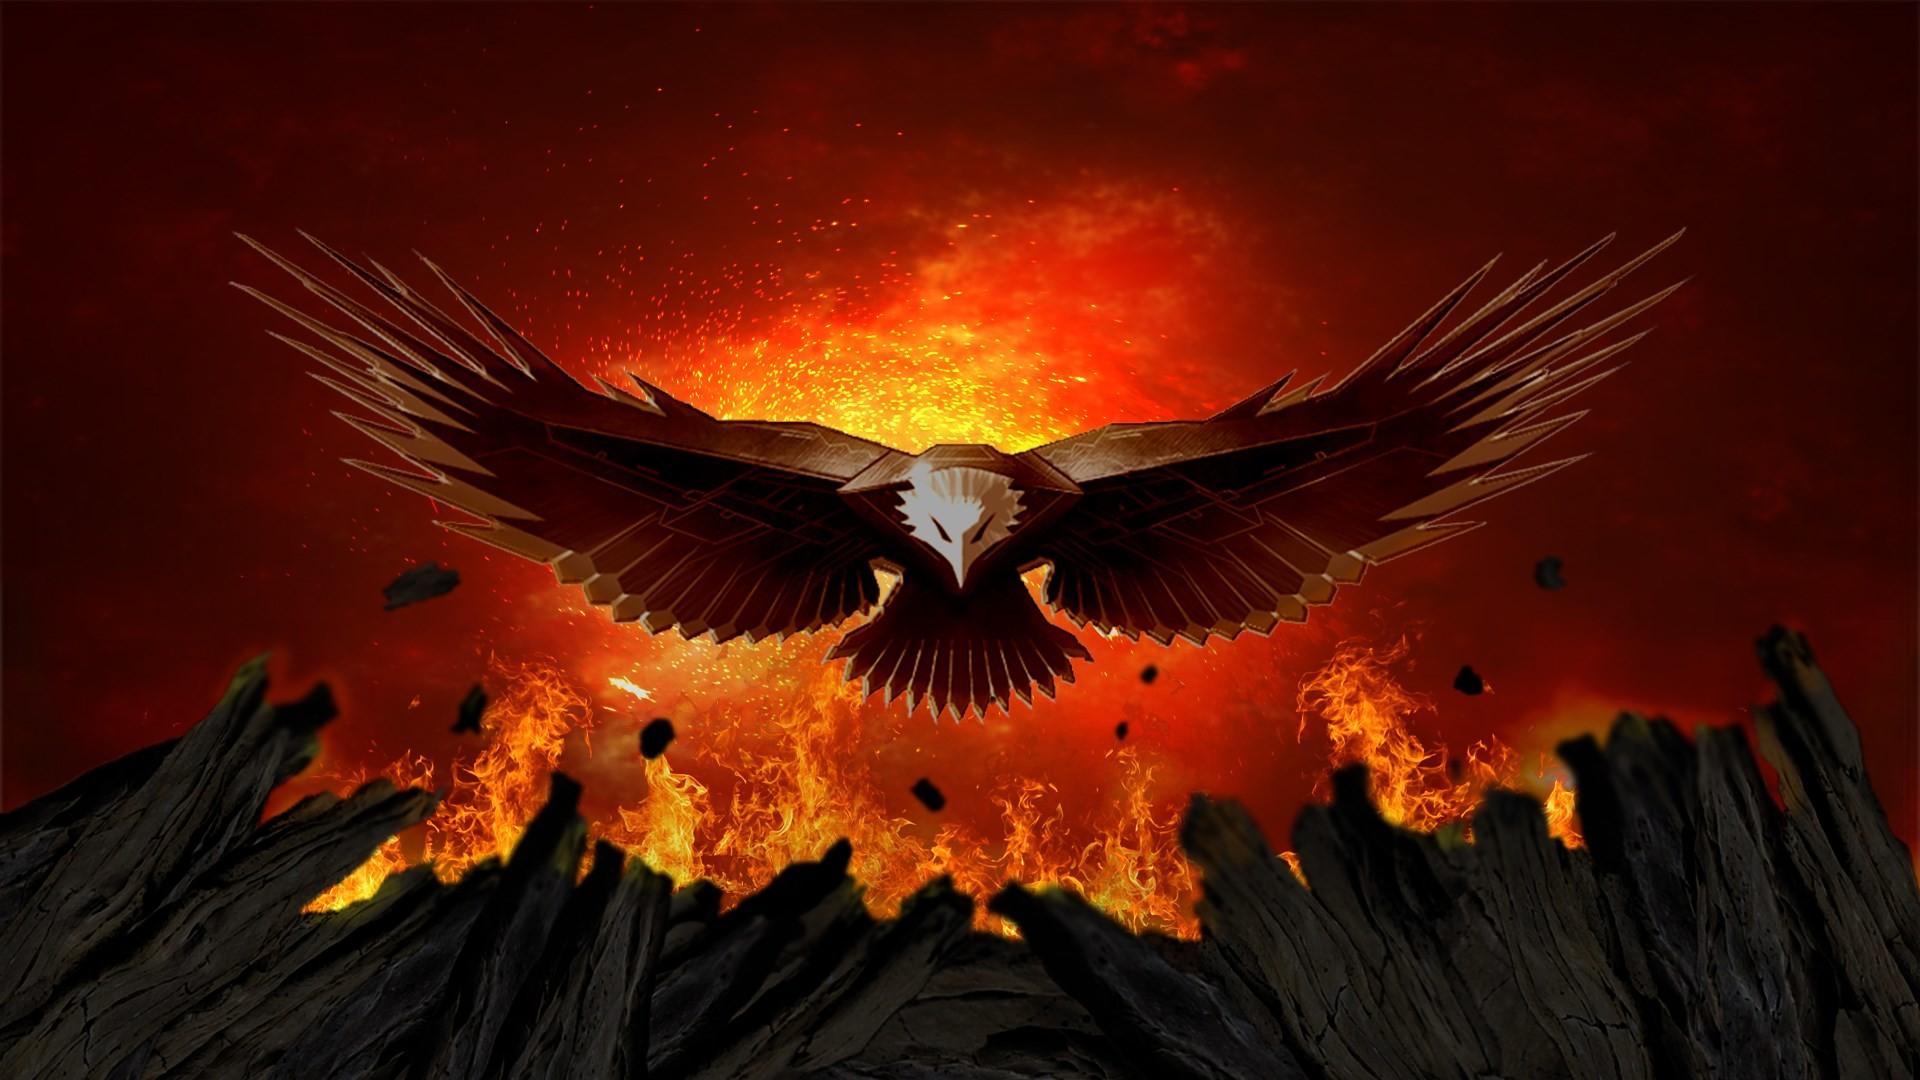 Eagle Desktop Wallpaper (73+ images)